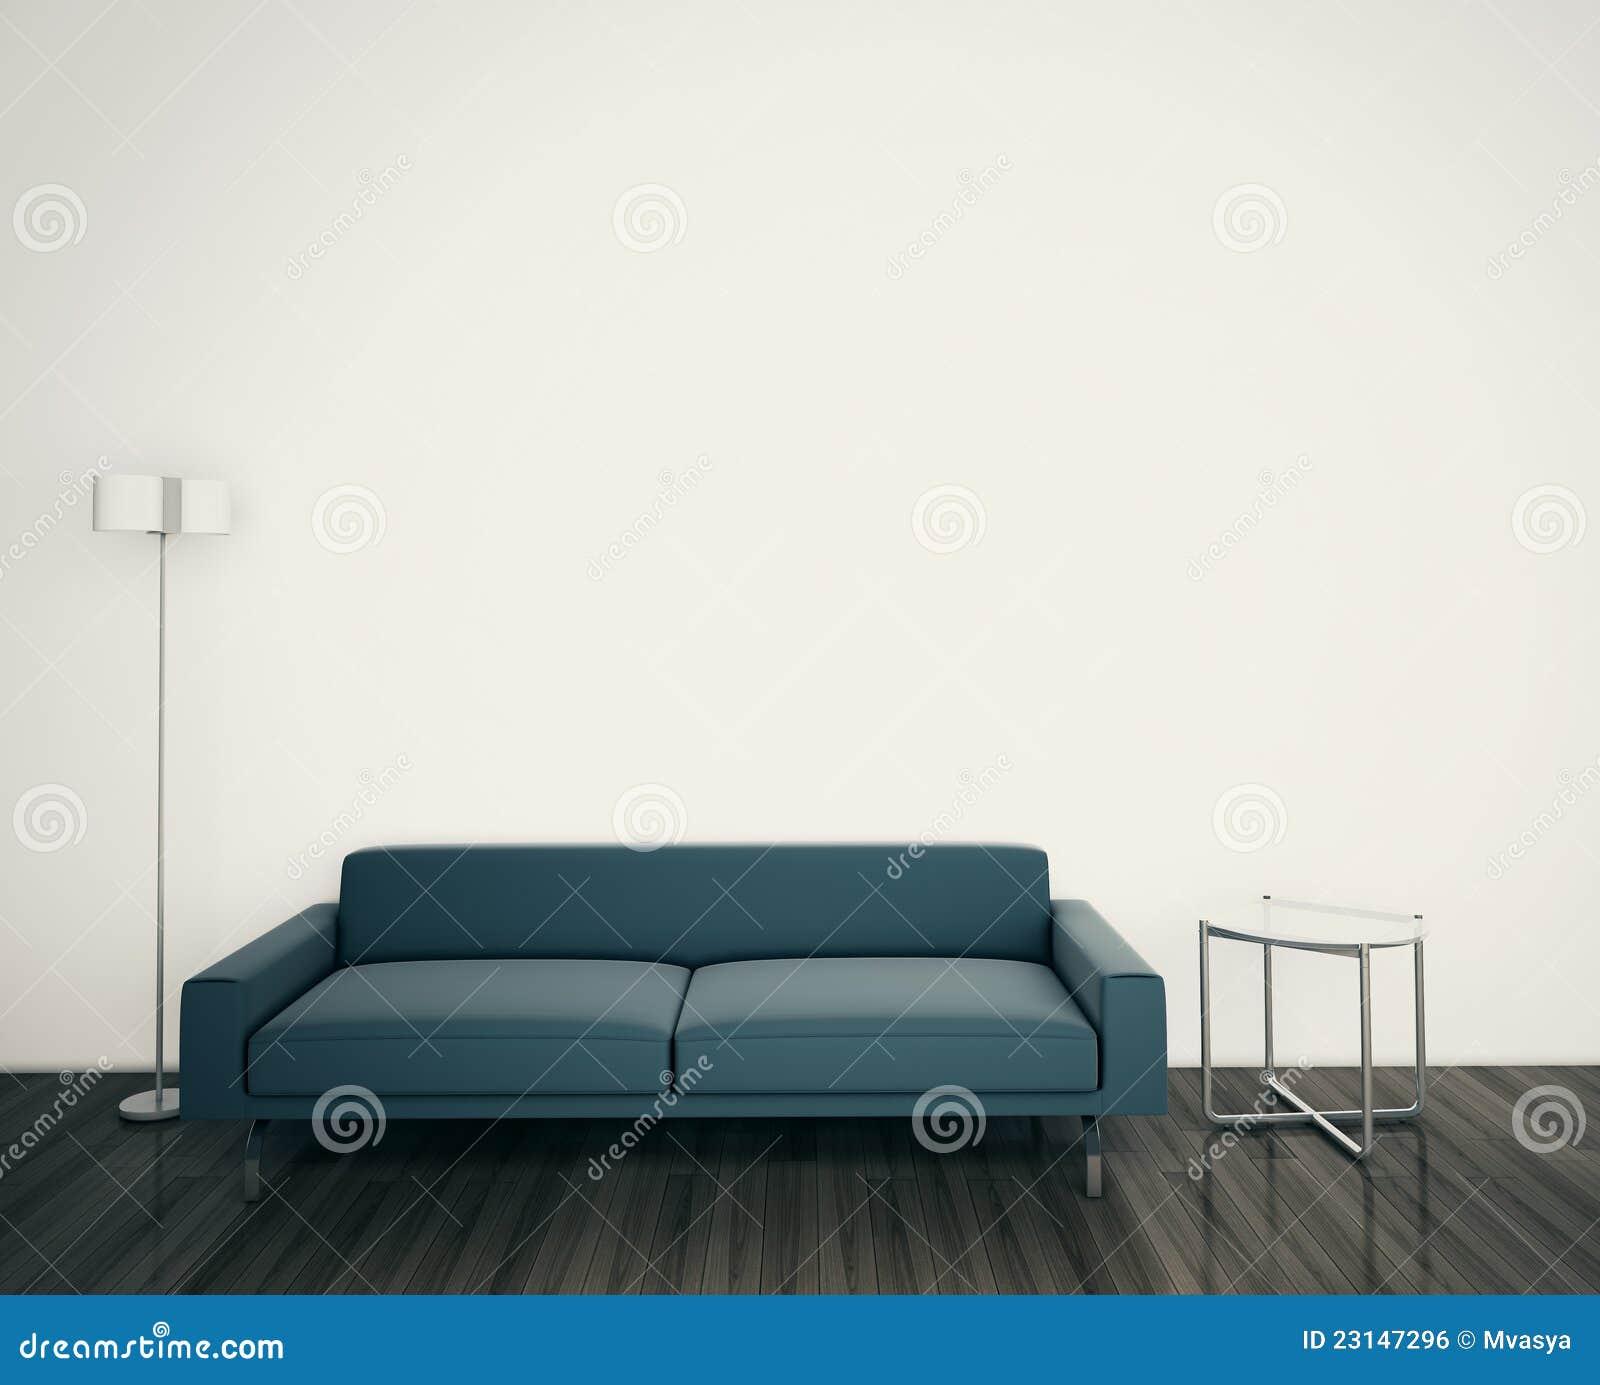 Σύγχρονοι καναπές και λαμπτήρας στο δωμάτιο